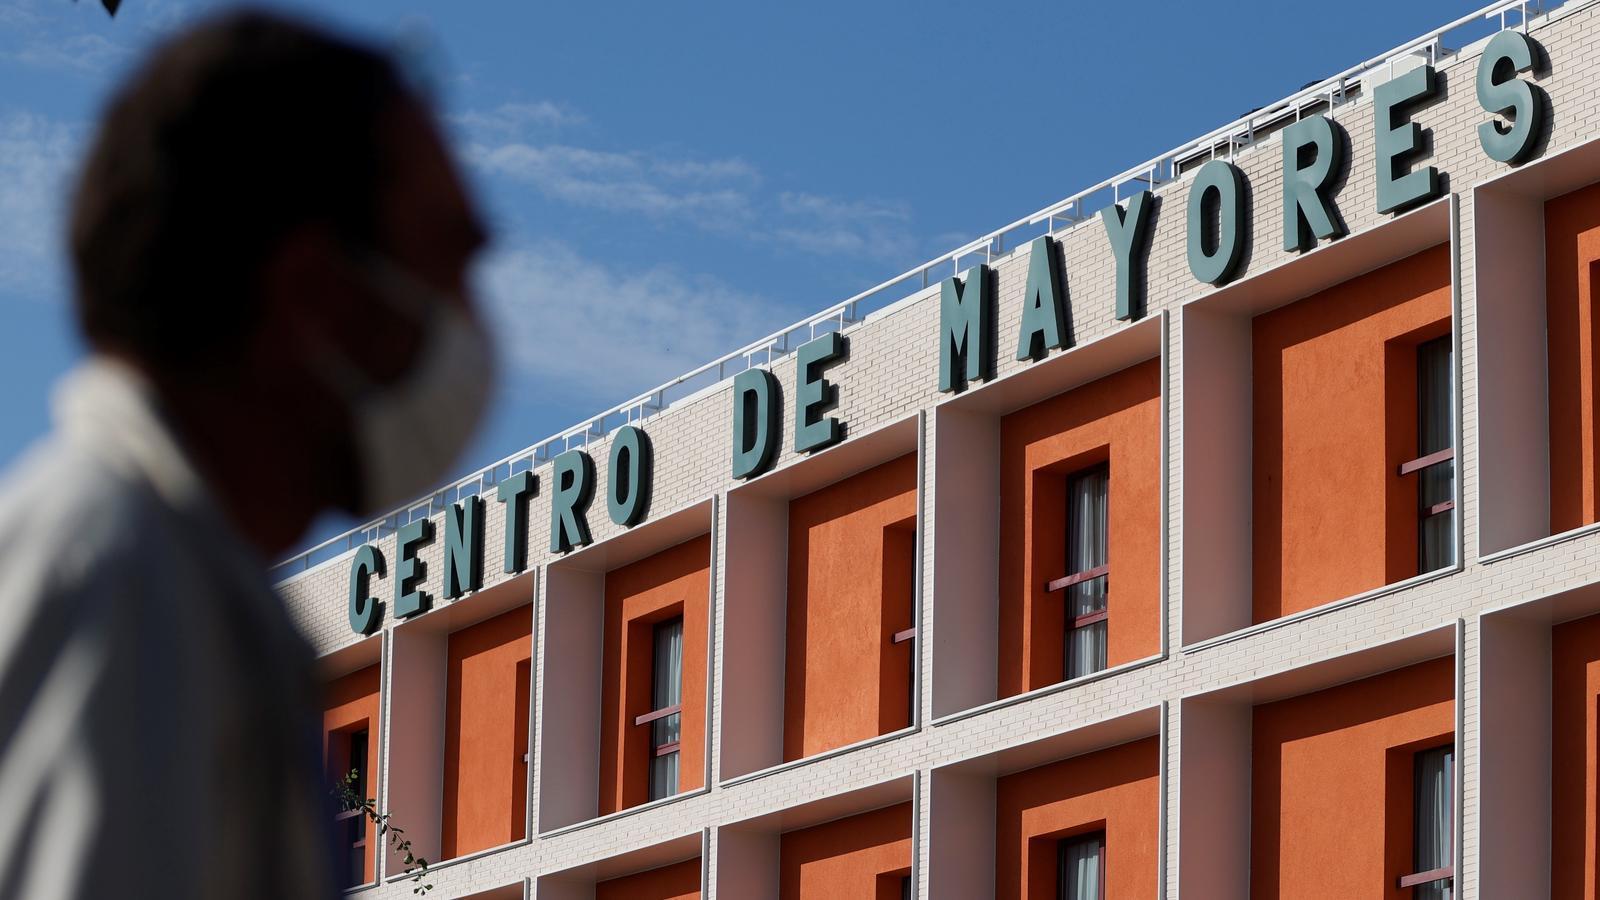 Centre de persones grans Casablanca de Valdemoro (Comunitat de Madrid), on set dels deu avis que havien estat traslladats des d'una altra residència han donat positiu de covid-19